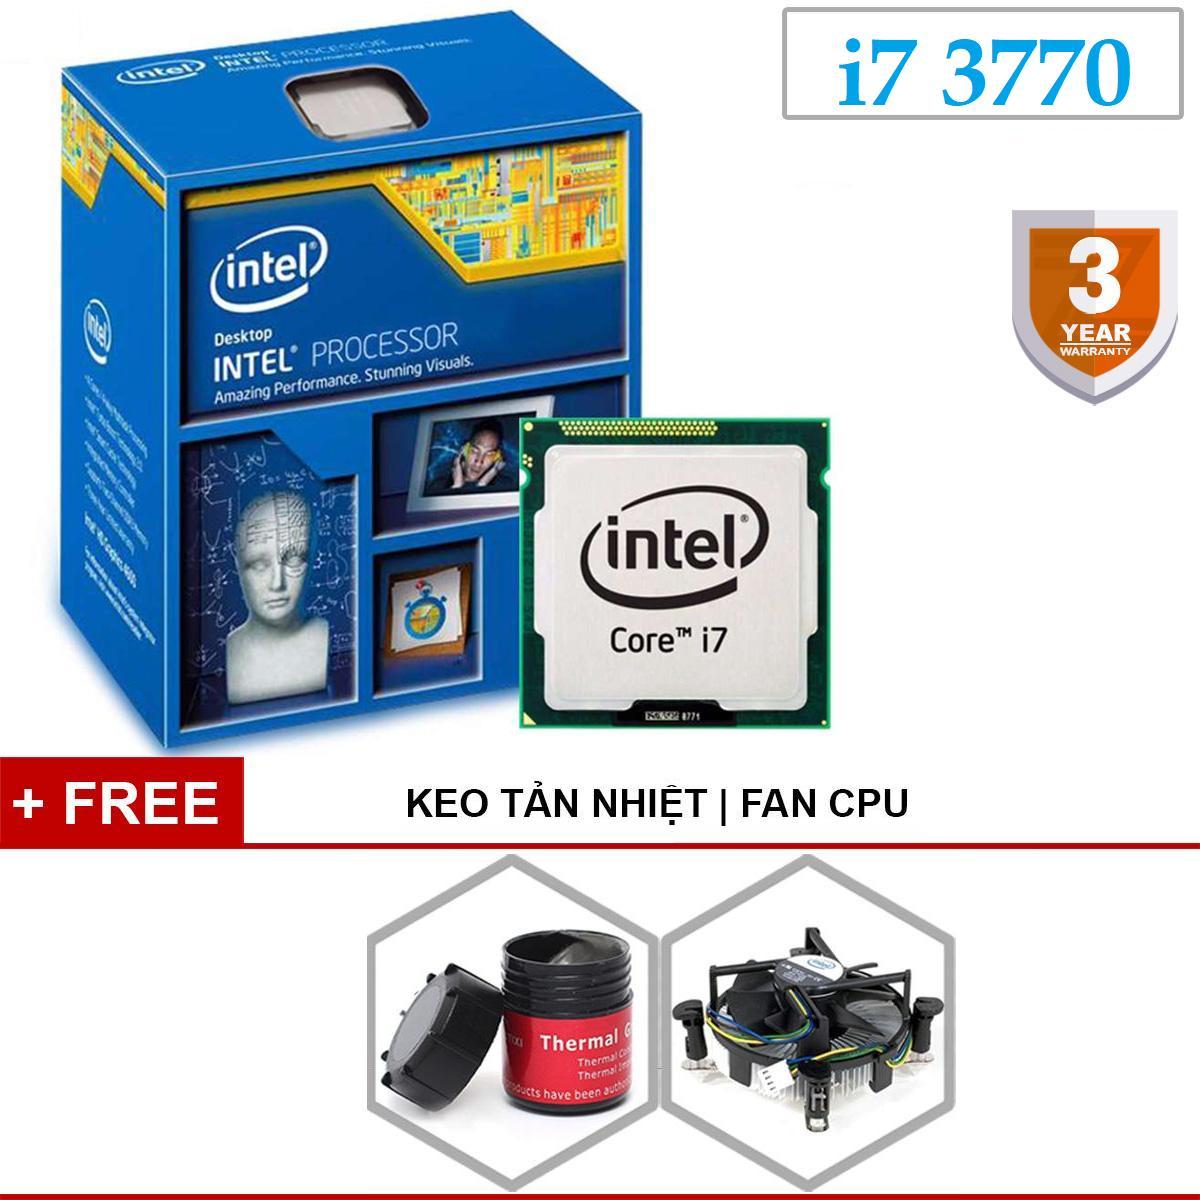 Giá Bộ vi xử lý dùng cho PC (máy tính để bàn) Chip Intel Core i7 3770 3.40GHz(up to 3.90GHz, 4 lõi,8 luồng), Bus 1333/1600MHz, Cache 8MB. Kèm quạt chip và keo tản nhiệt loại tốt. Bảo hành 36 tháng 1 đổi 1 cho cpu